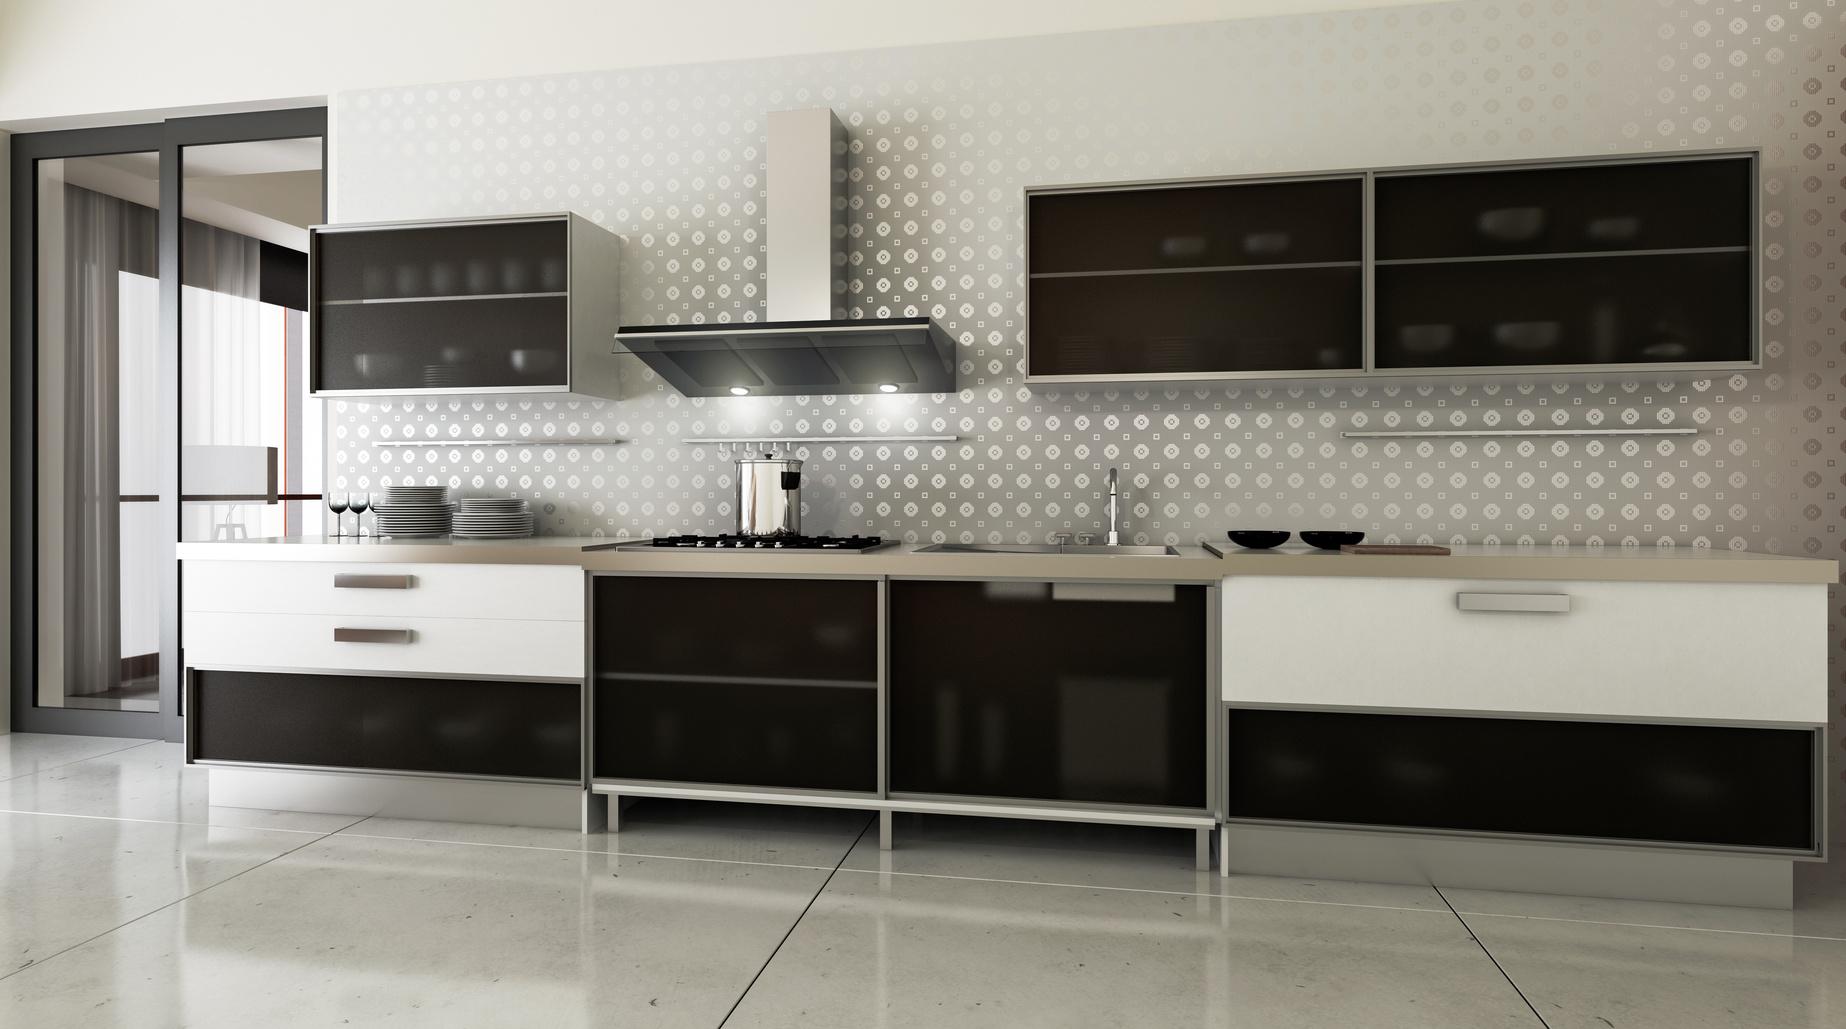 Full Size of Modulküchen Modulkche Auf Kchenliebhaberde Wohnzimmer Modulküchen